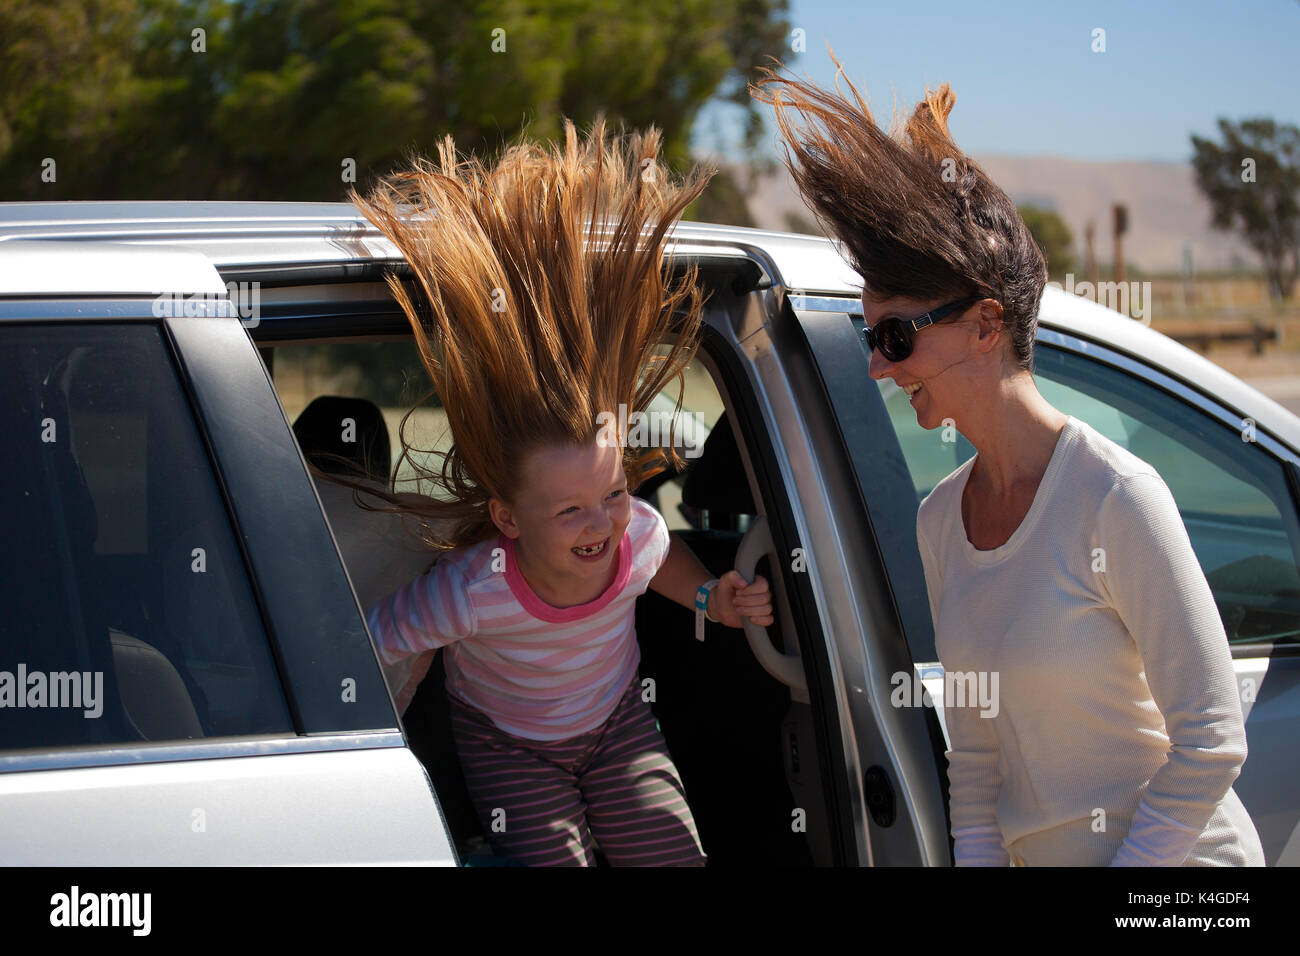 Una madre y su hija experimentan vientos fuertes junto a su vehículo en California central Imagen De Stock